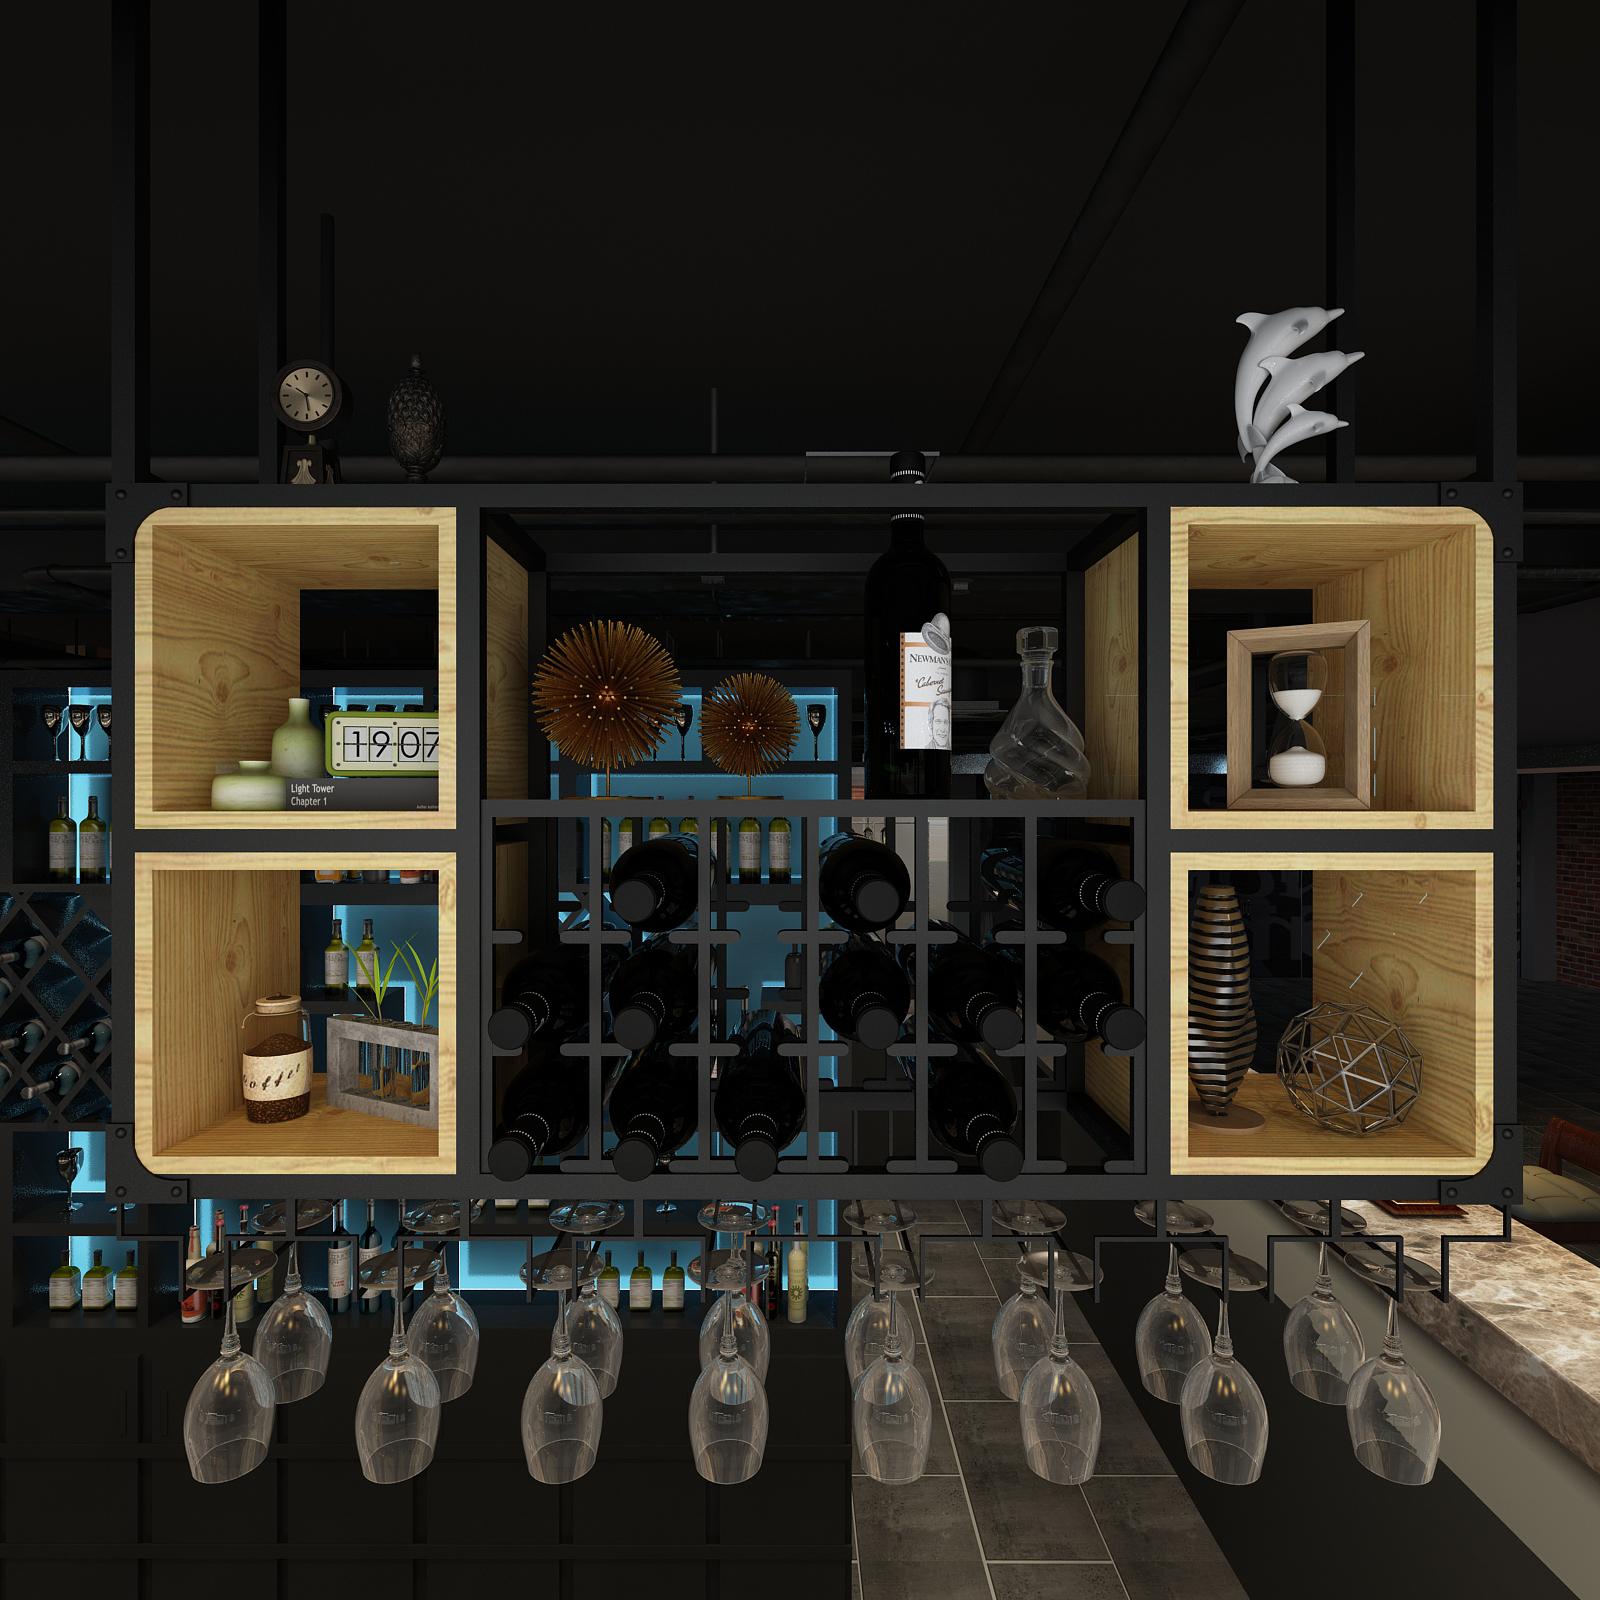 铁艺风置物架壁挂吊顶酒吧台红酒杯实木欧简约装饰定做工业酒柜